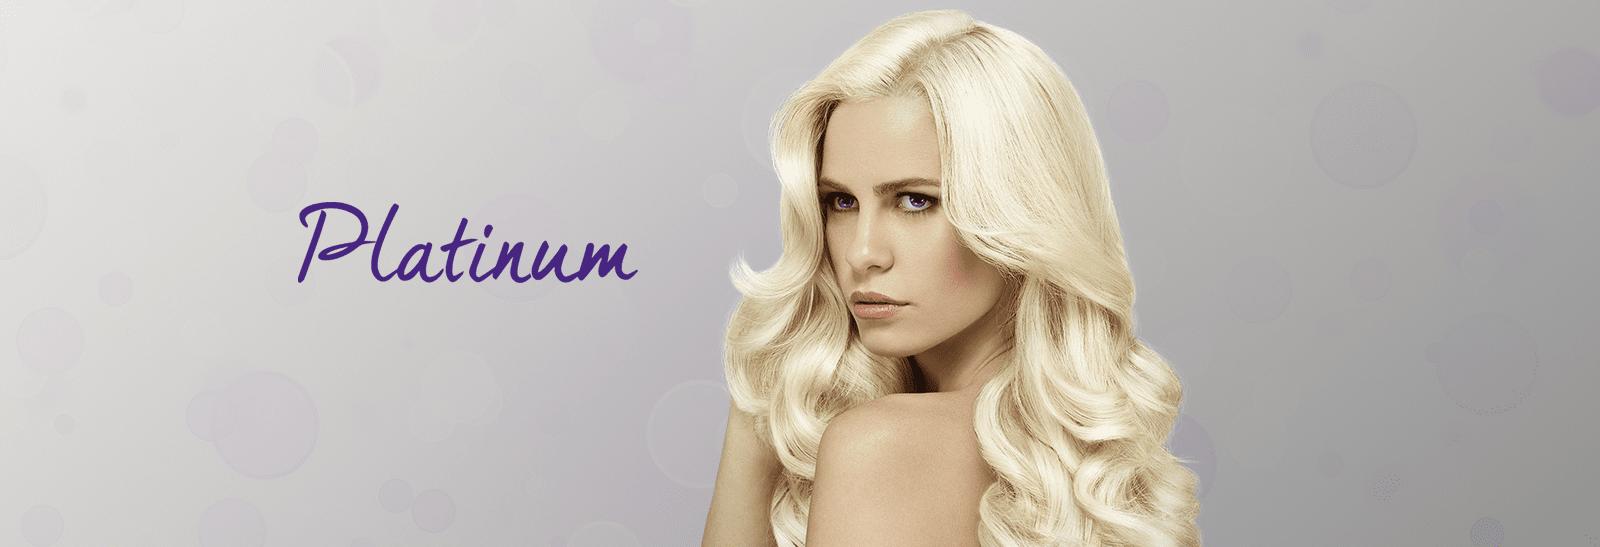 Фото средств для блондинок Cadiveu Platinum